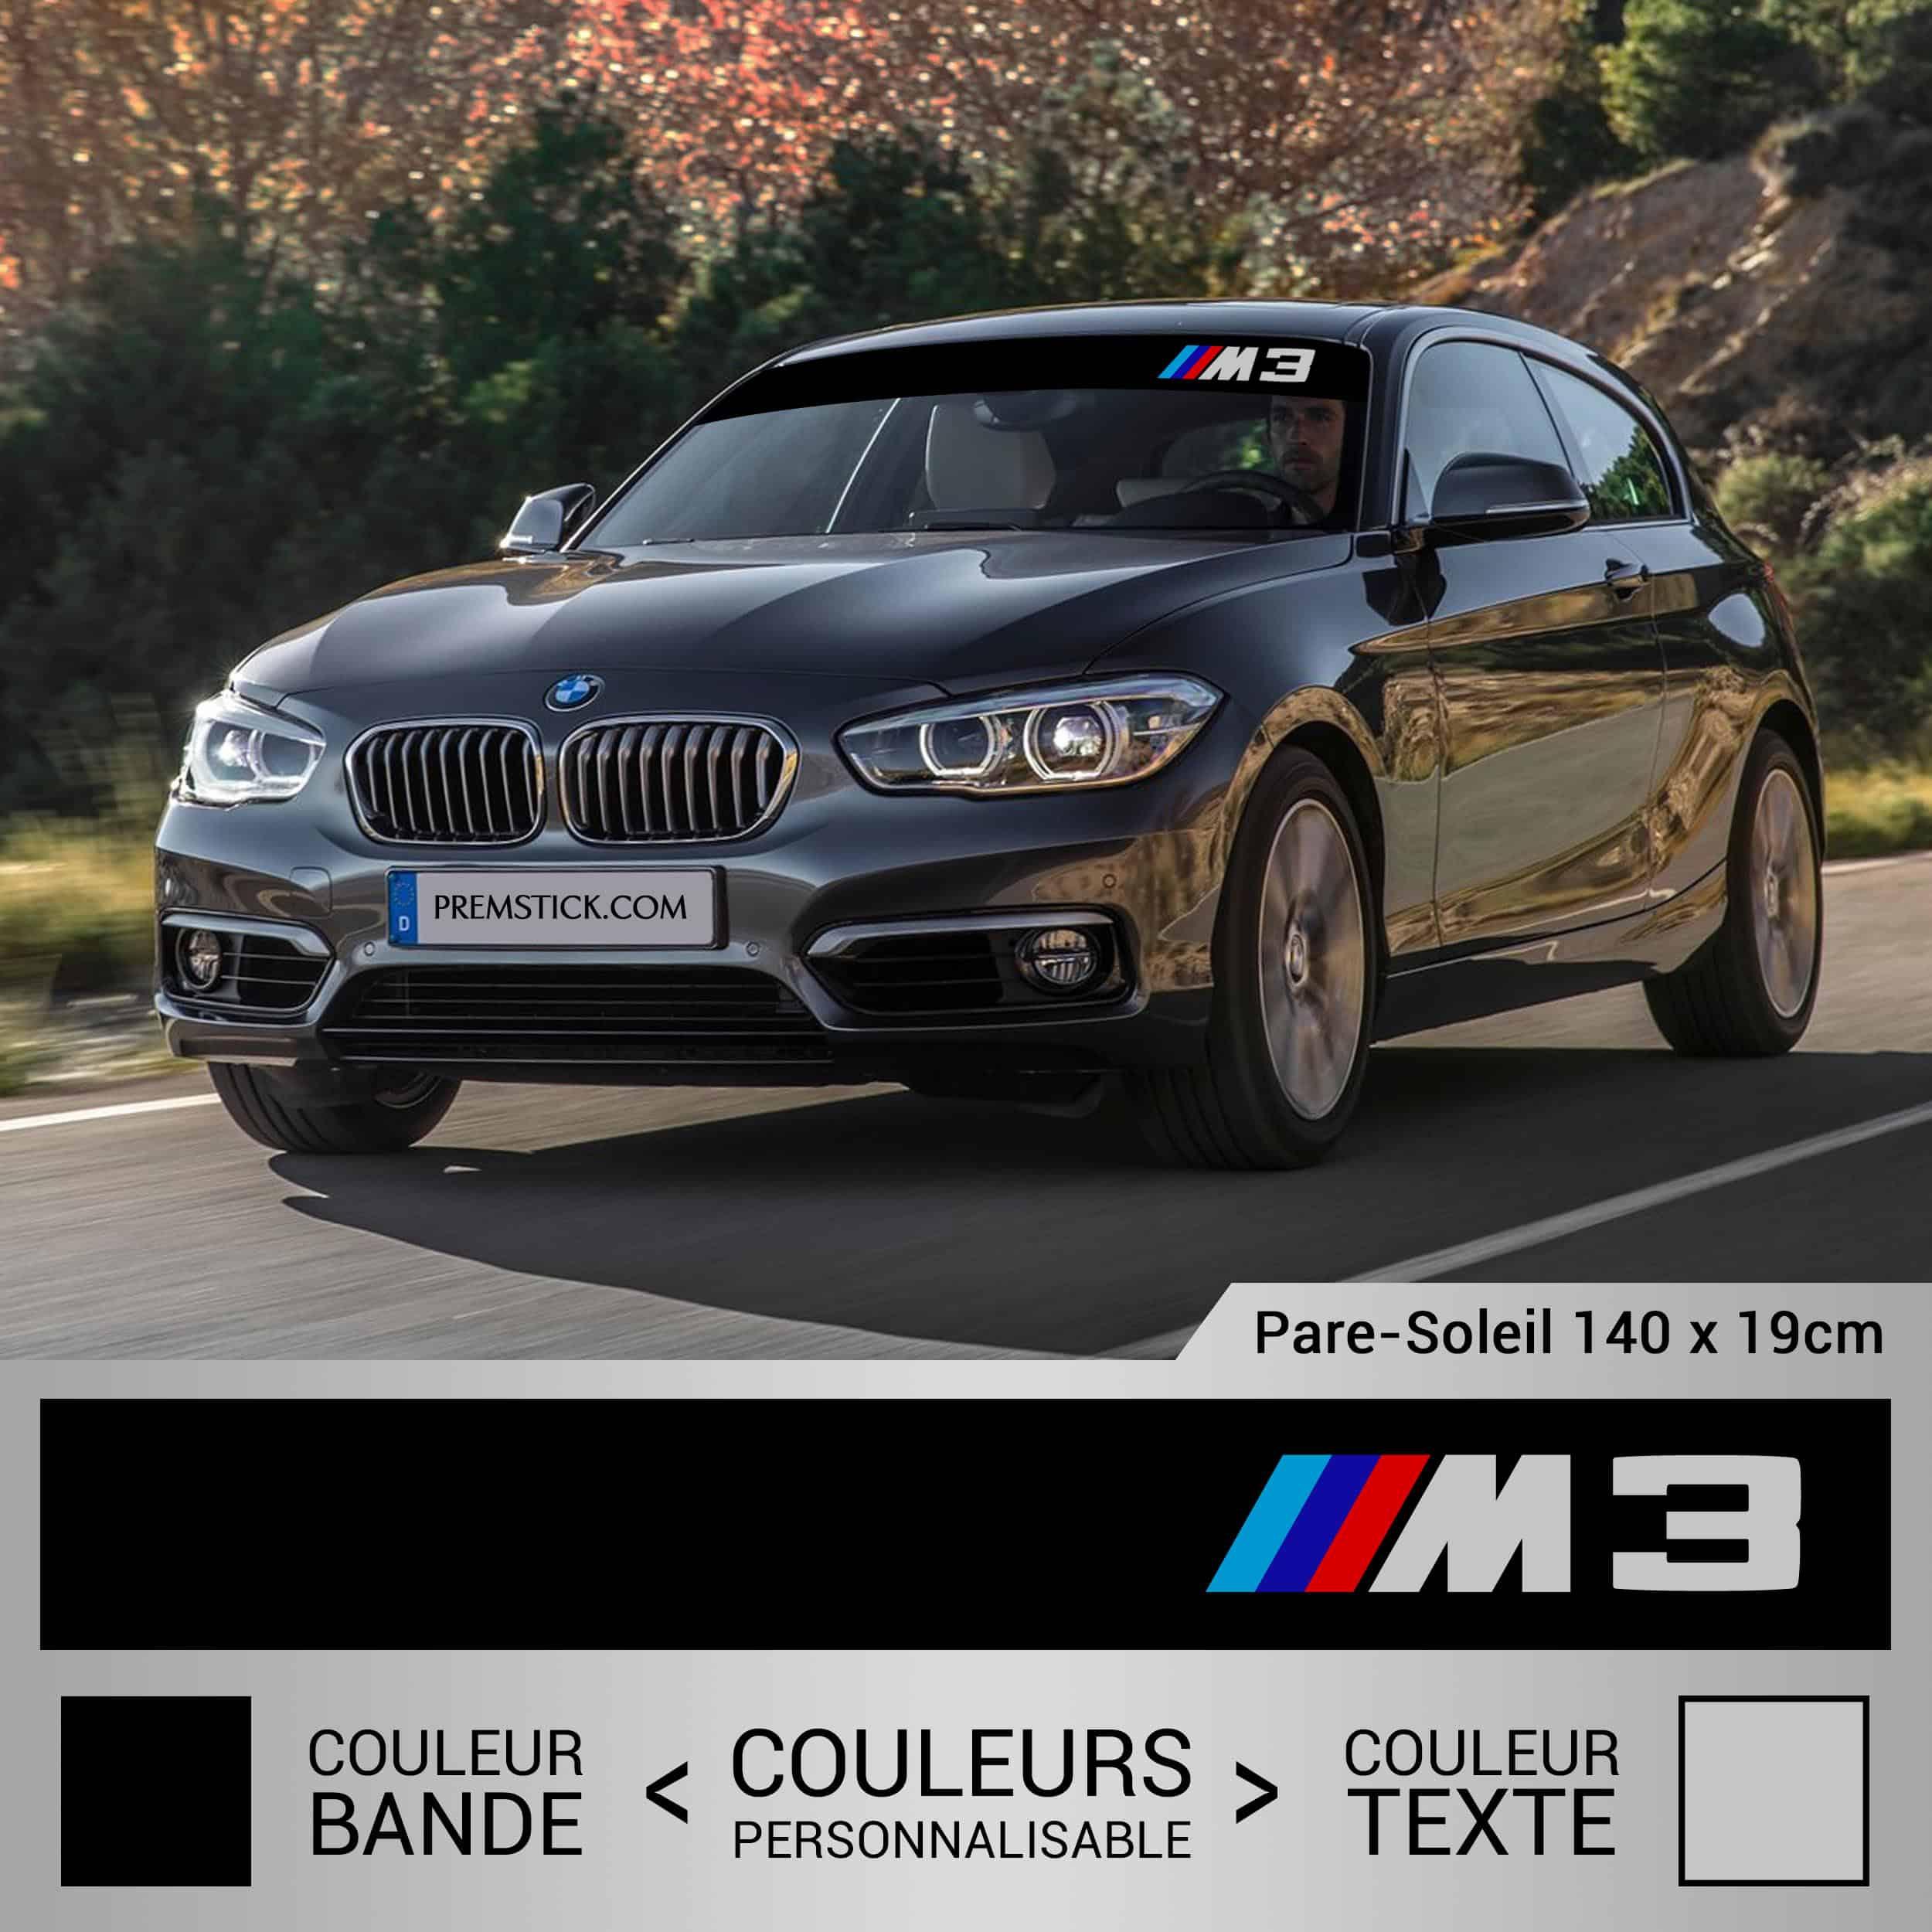 STICKER PARE SOLEIL BMW M3